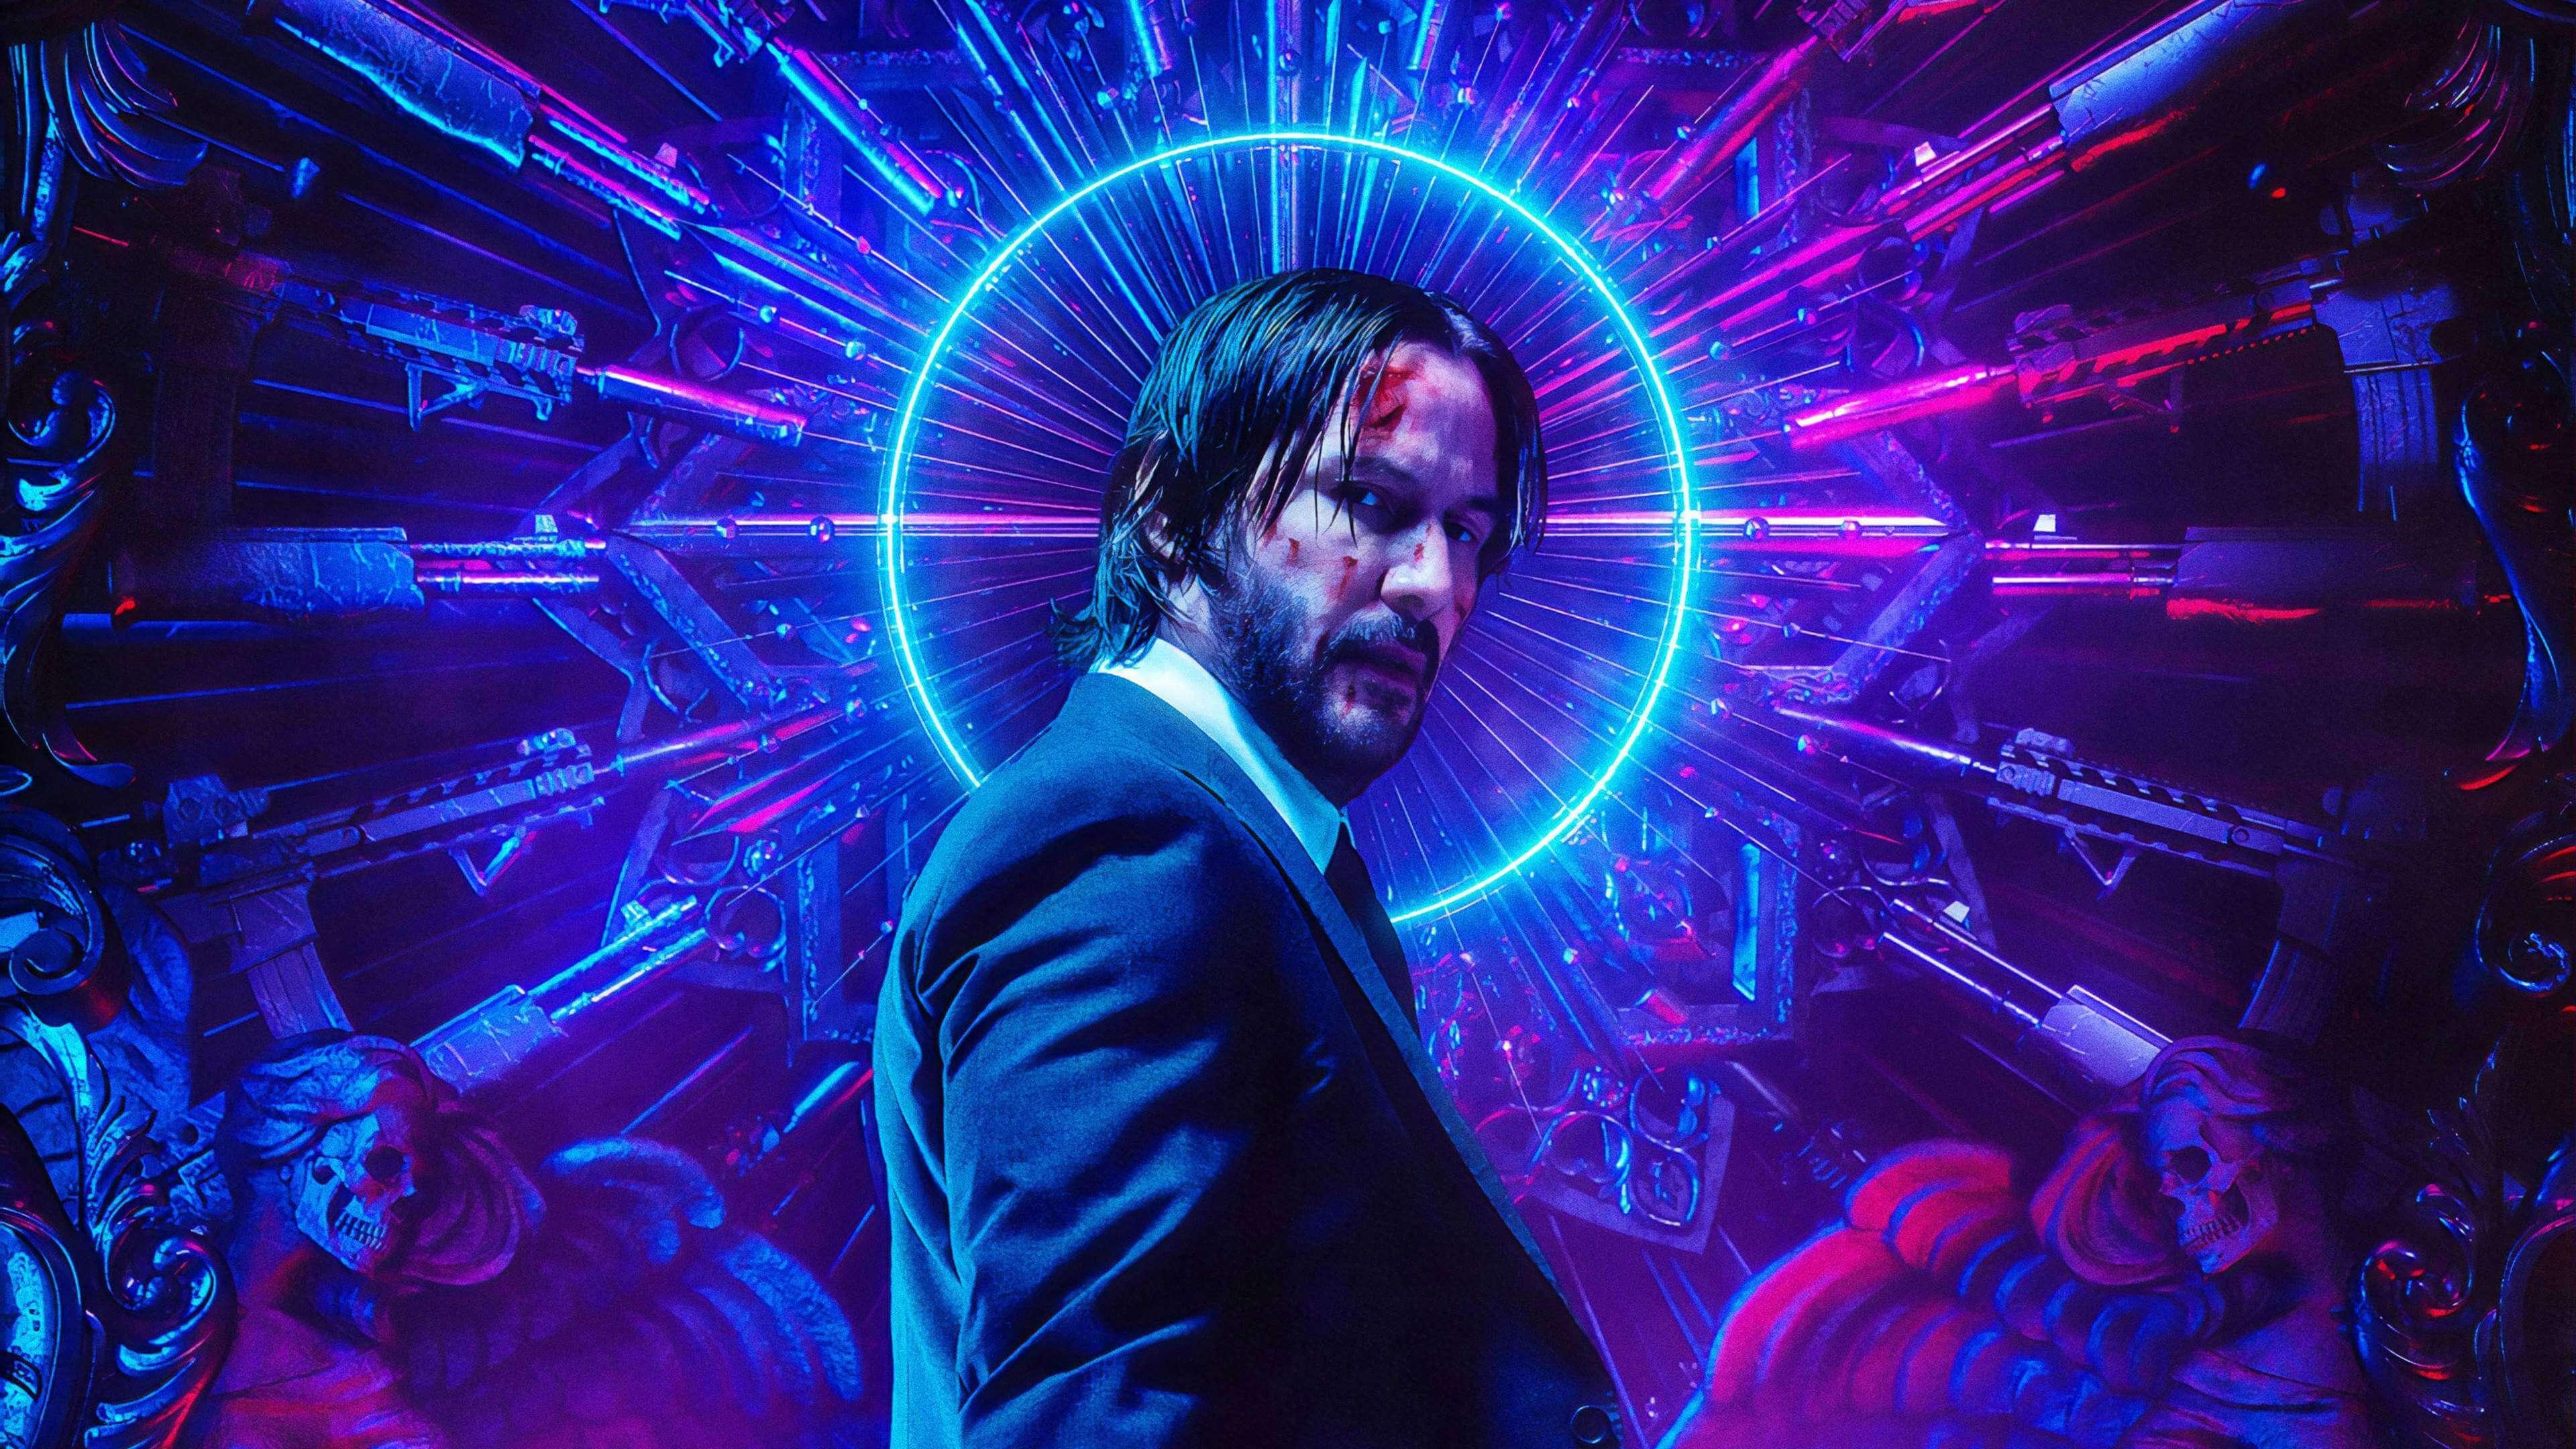 با بهترین فیلمهای اکشن 2019 آشنا شوید